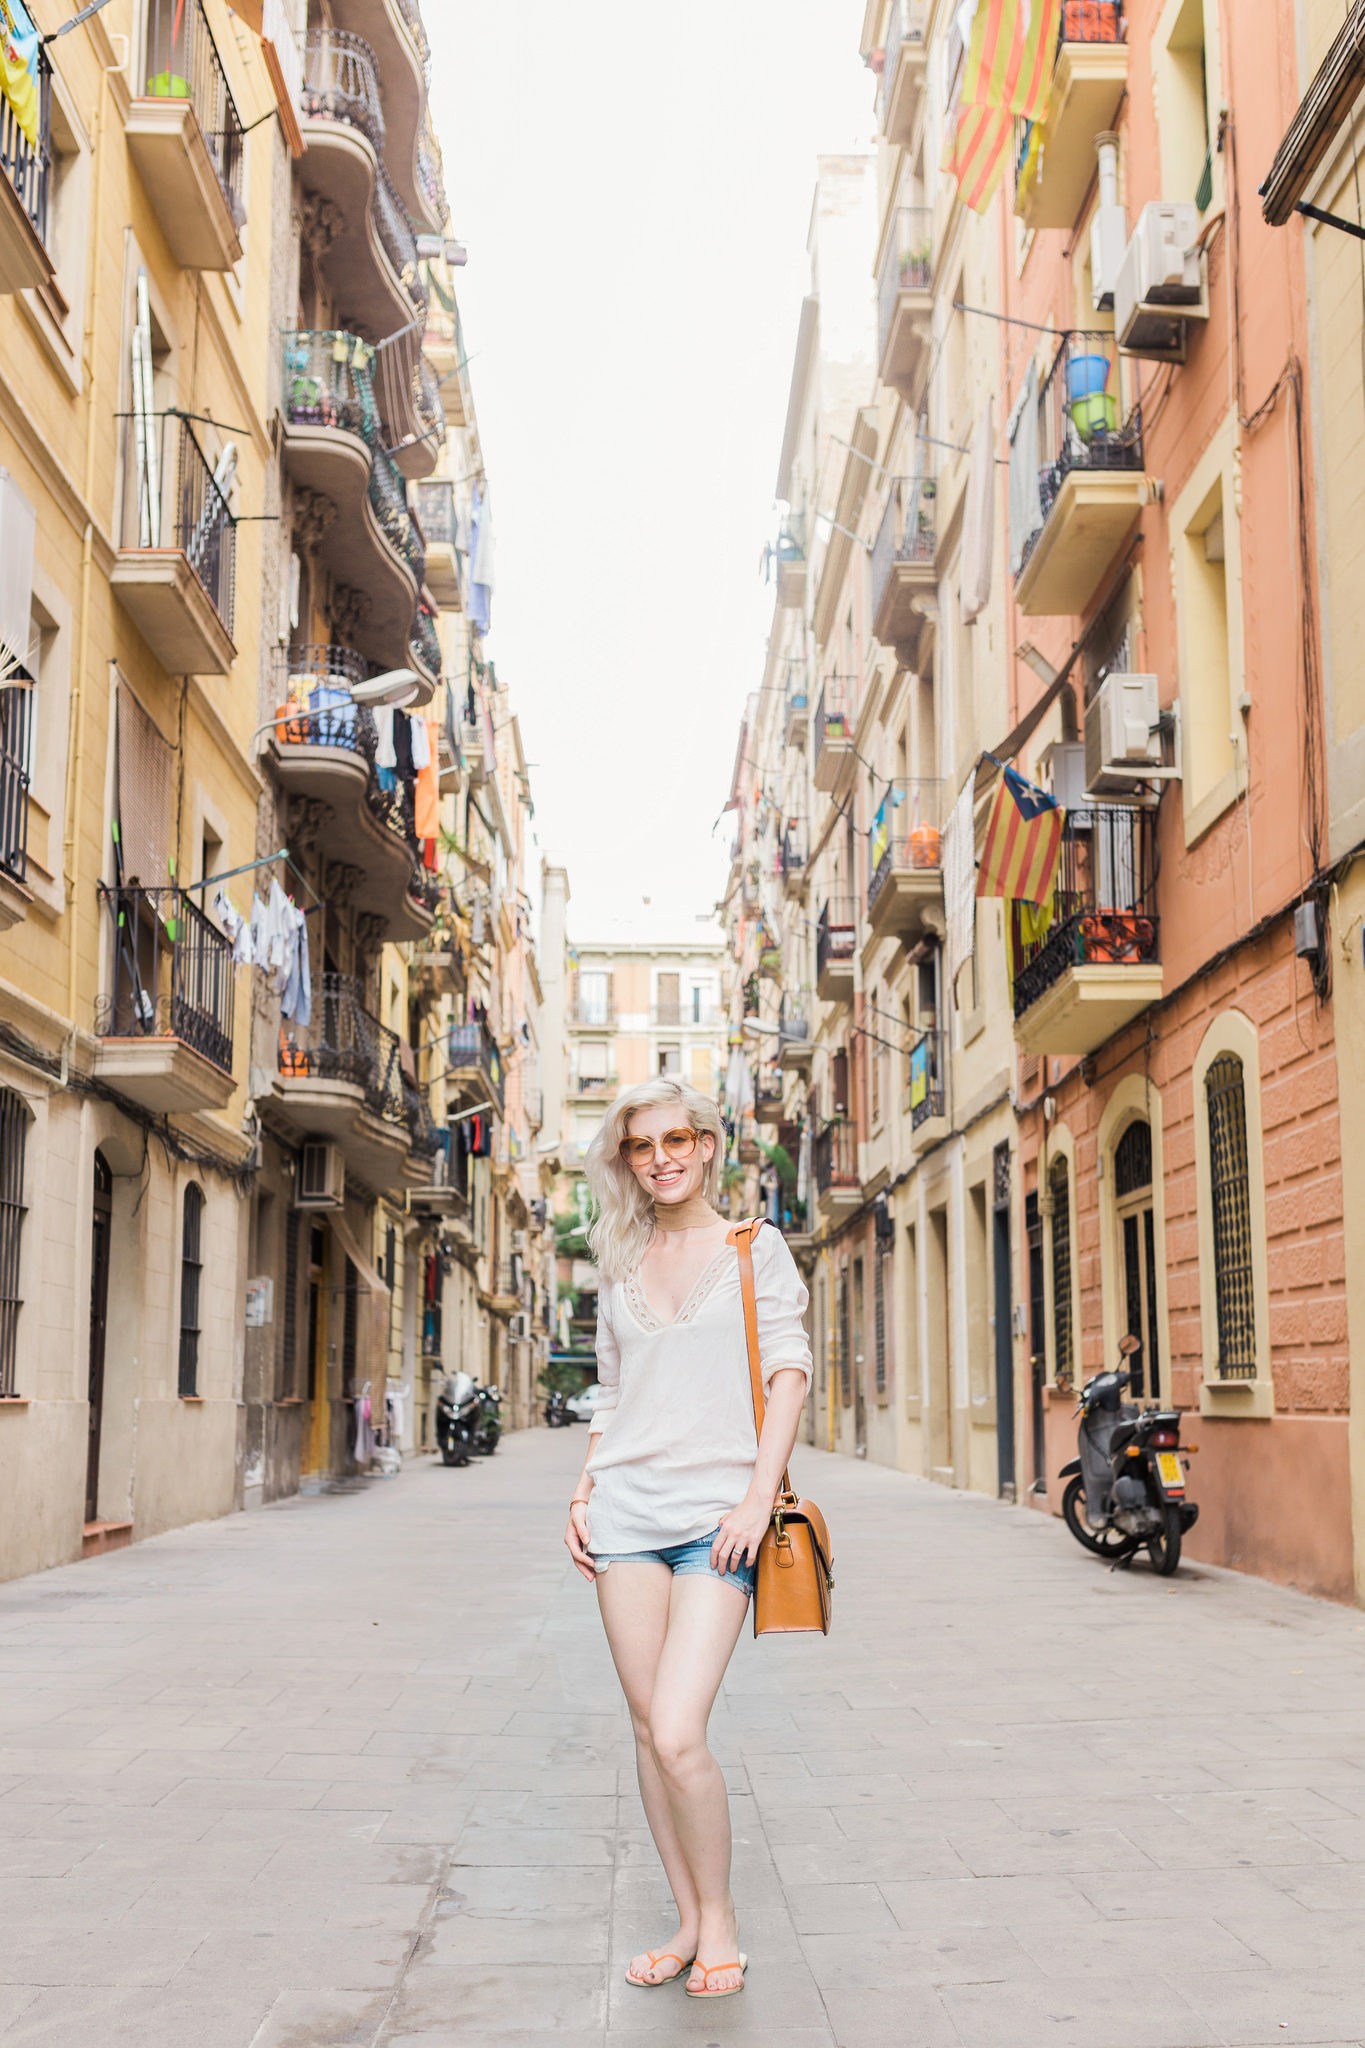 Stefanie-Archer-Photography-Blog-19.jpg